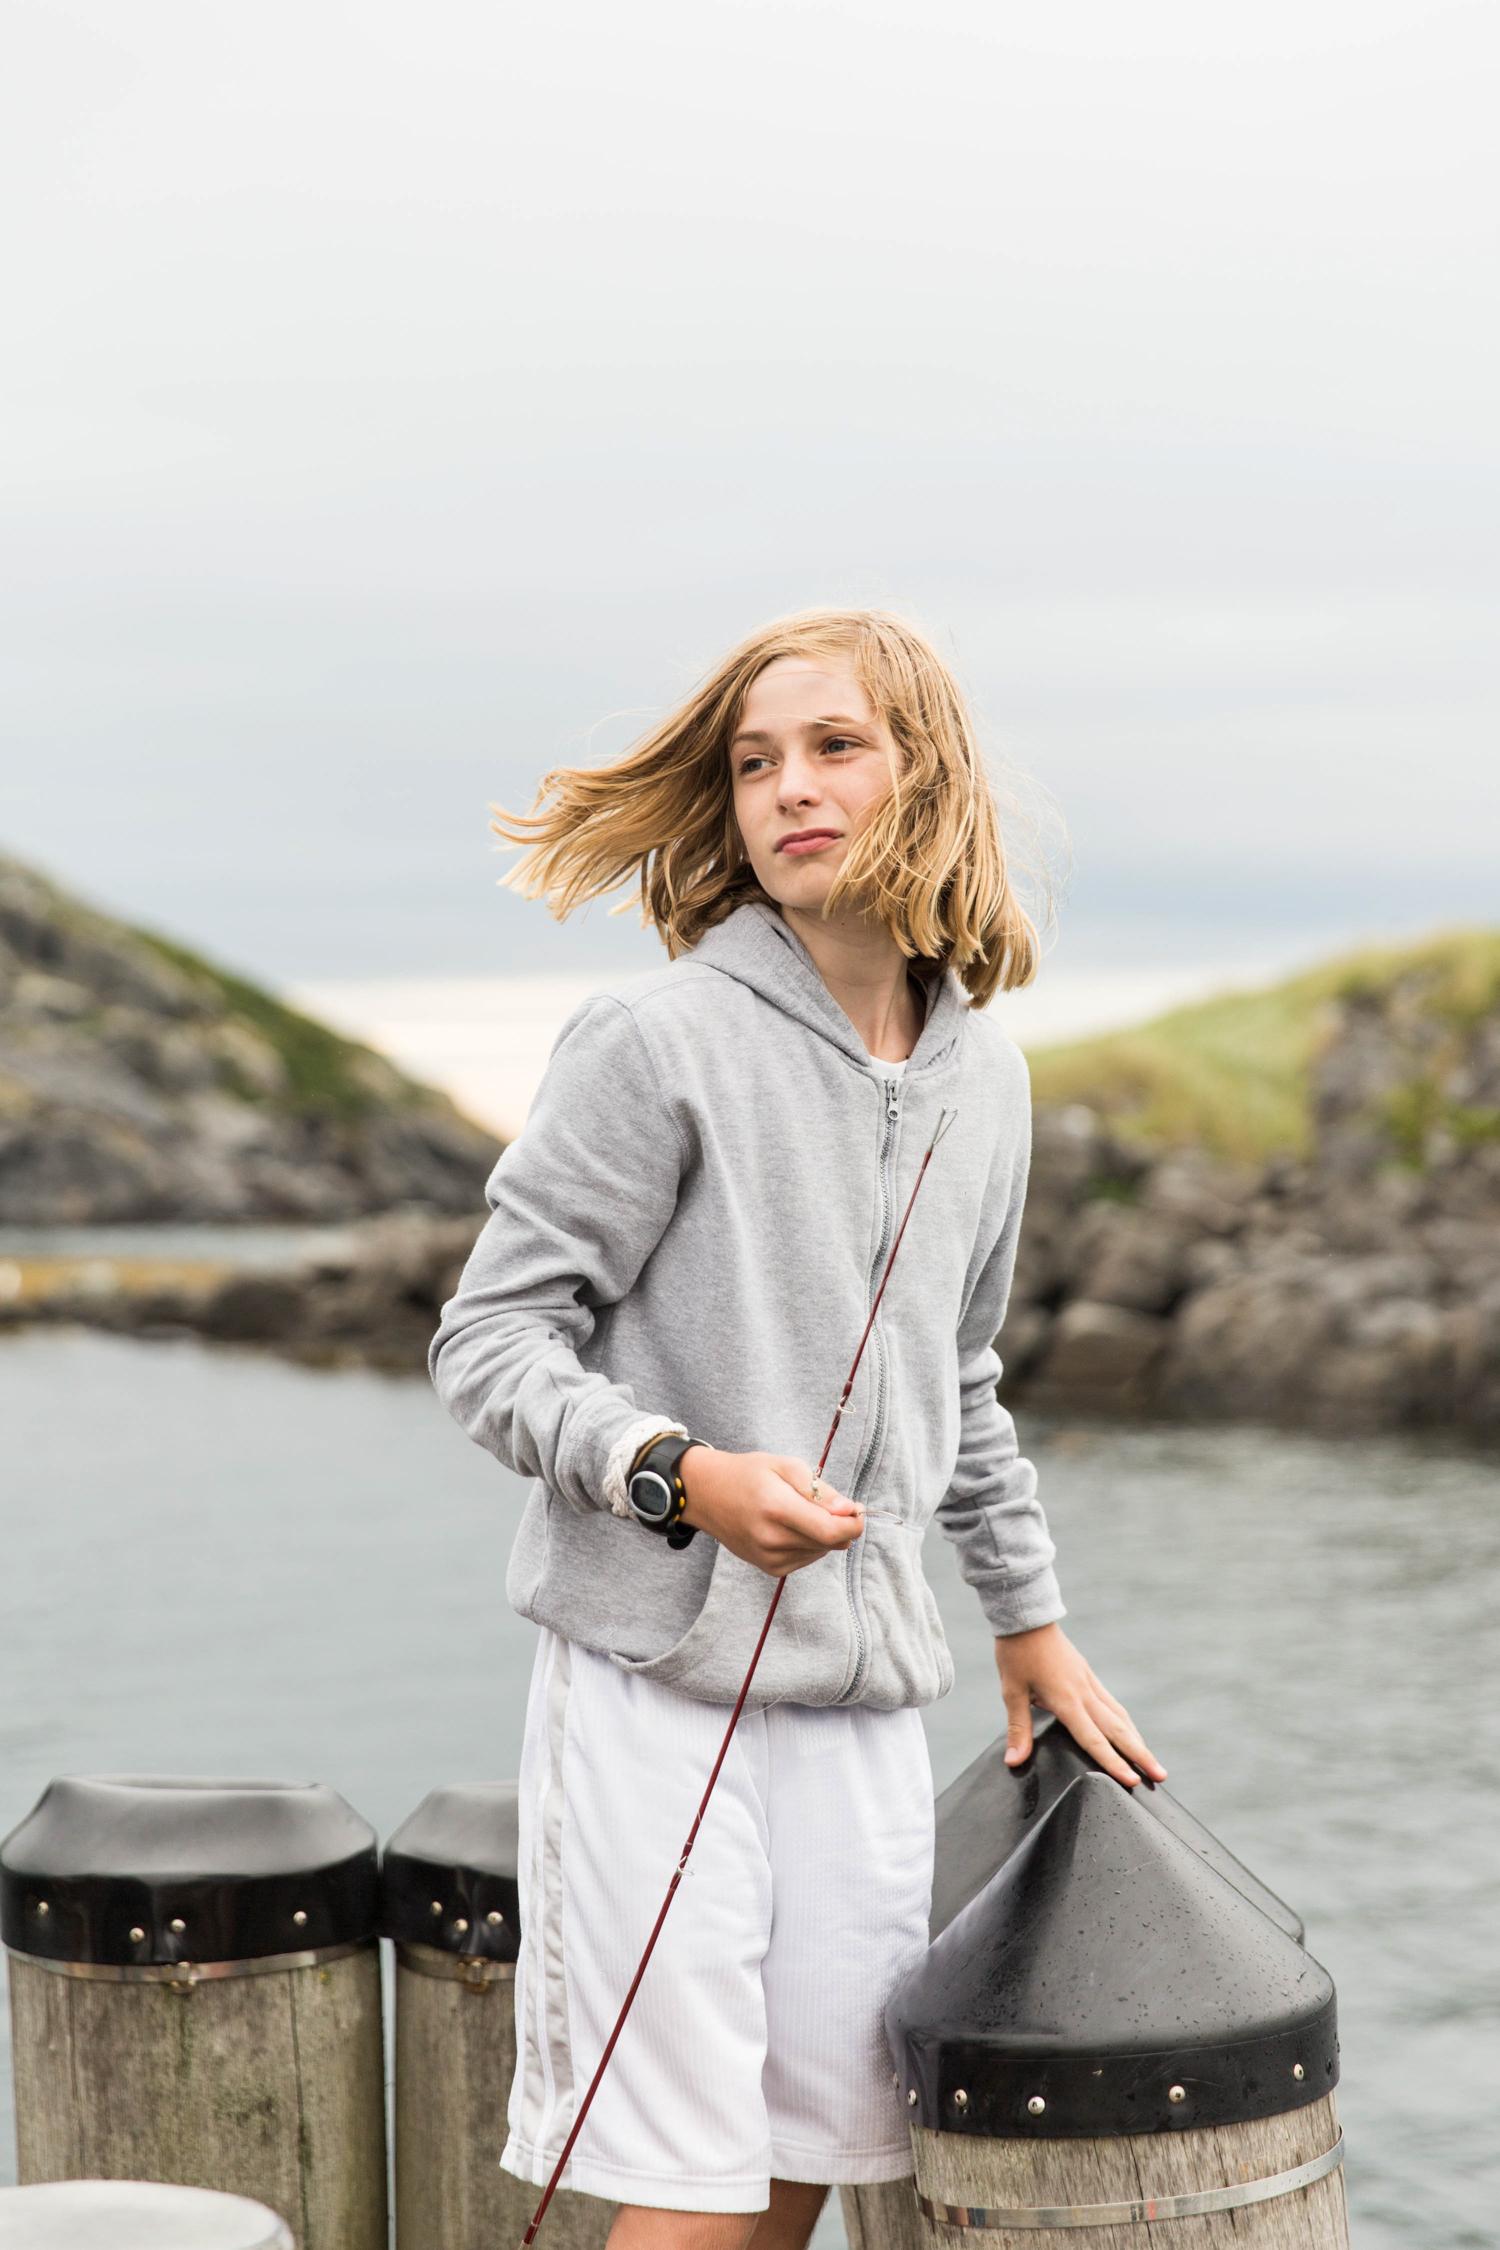 Boy fishing- Monhegan Island